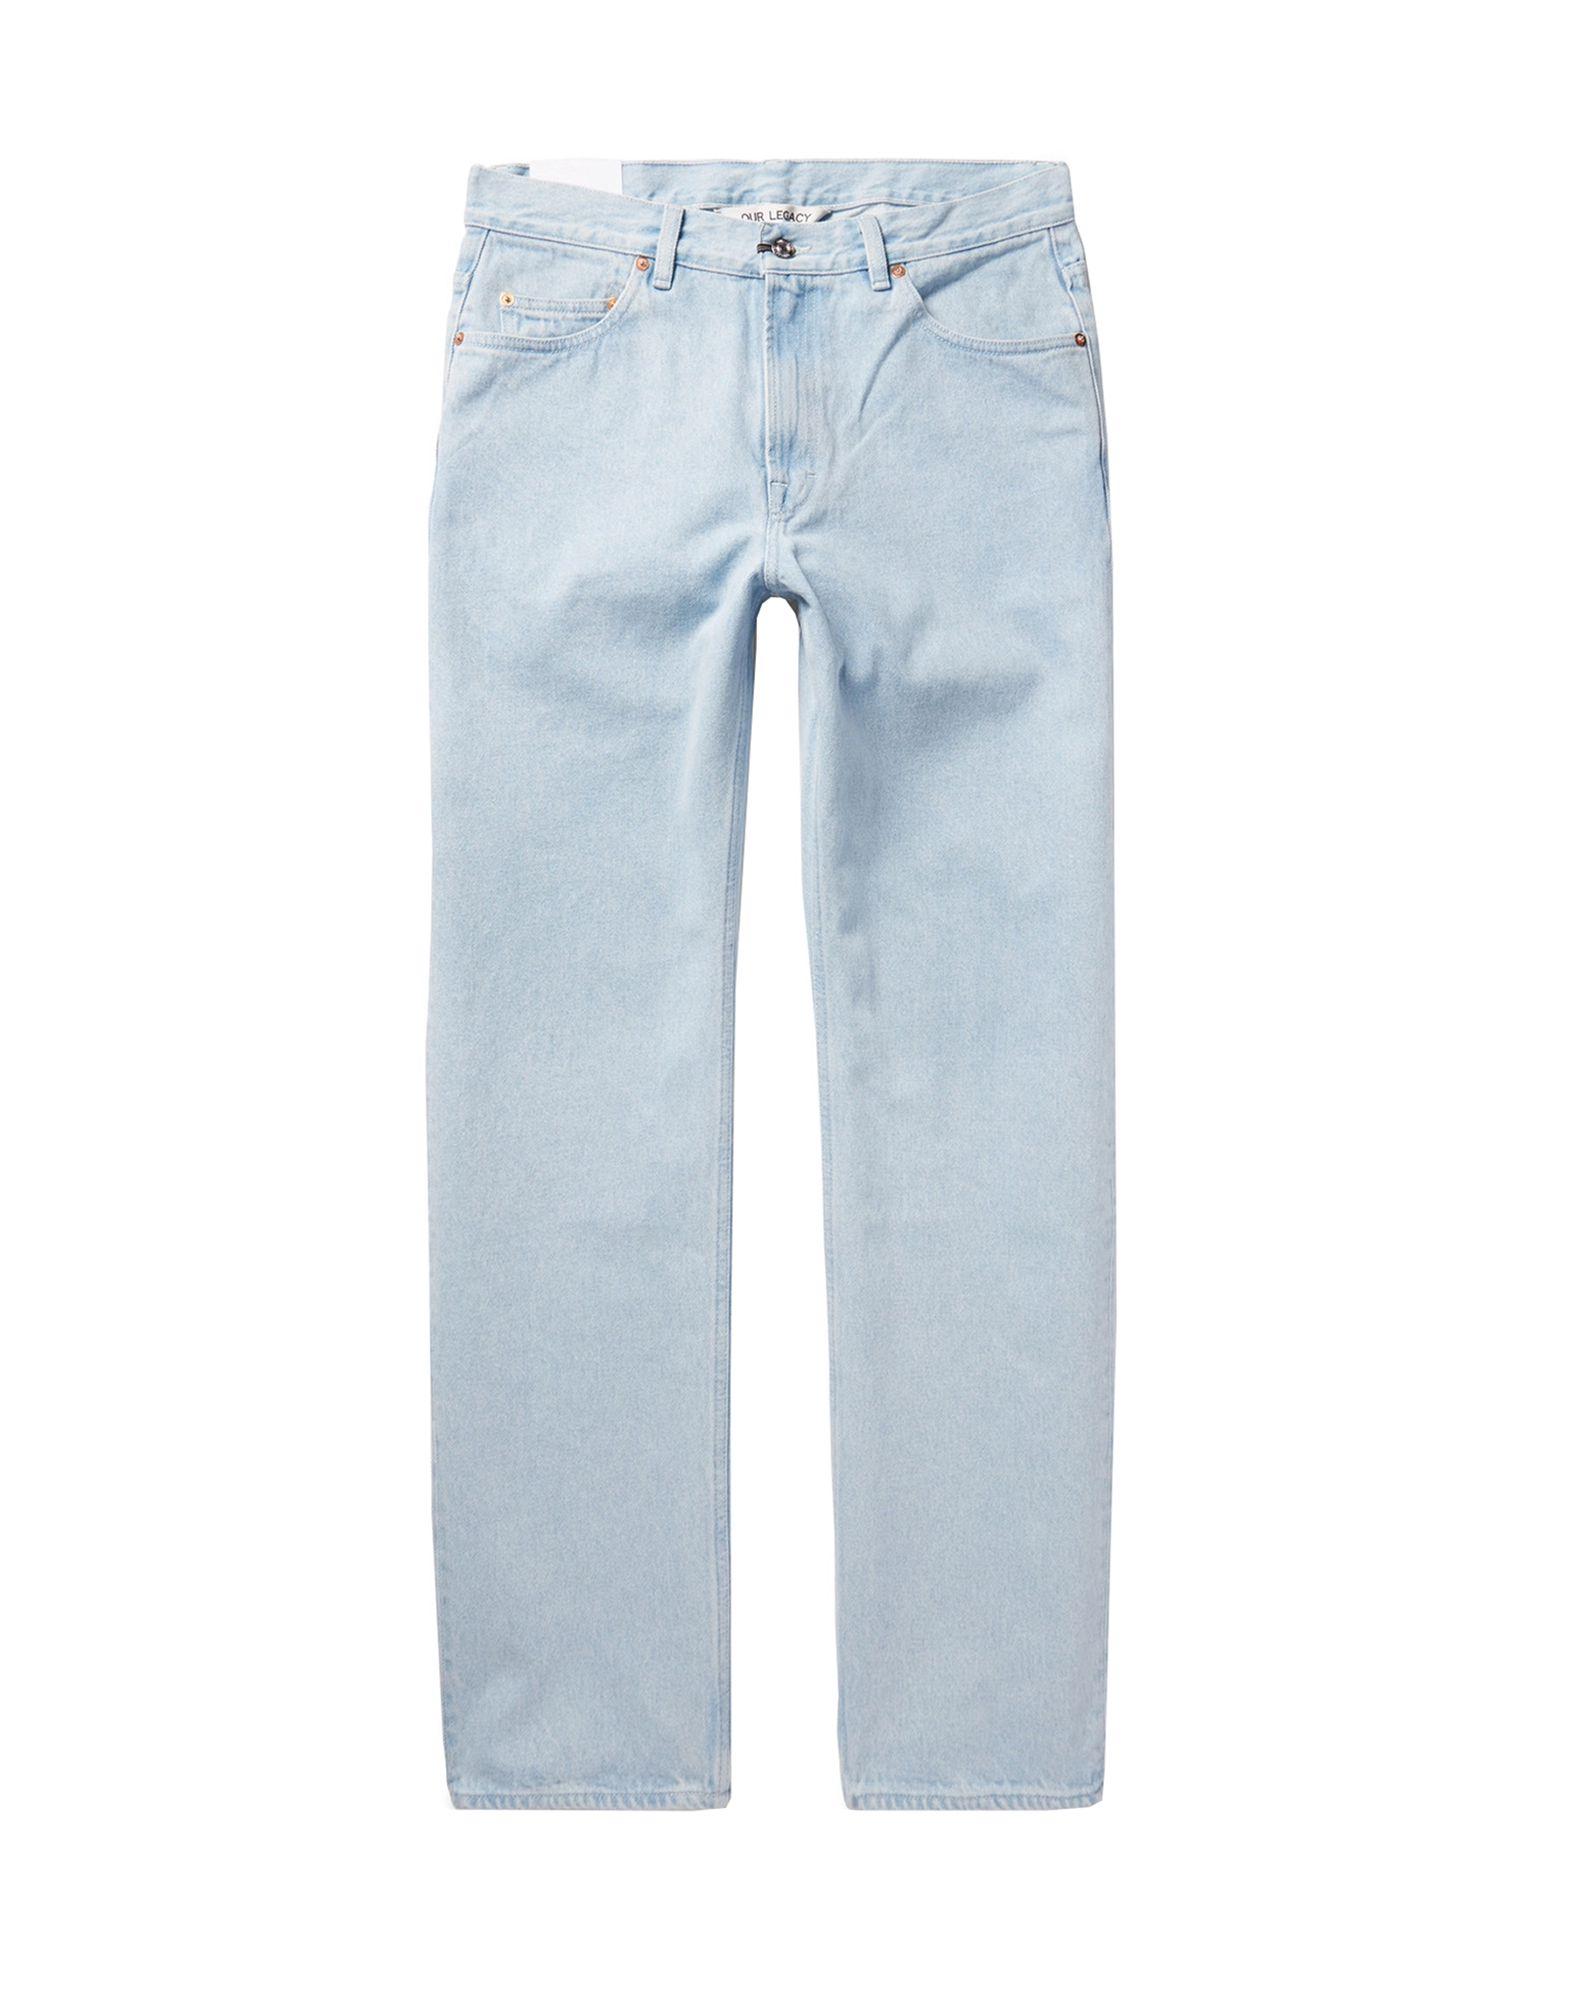 OUR LEGACY Джинсовые брюки carver pioneer camp джинсовые брюки мужские обычные джинсовые брюки темно синий 33 611 021